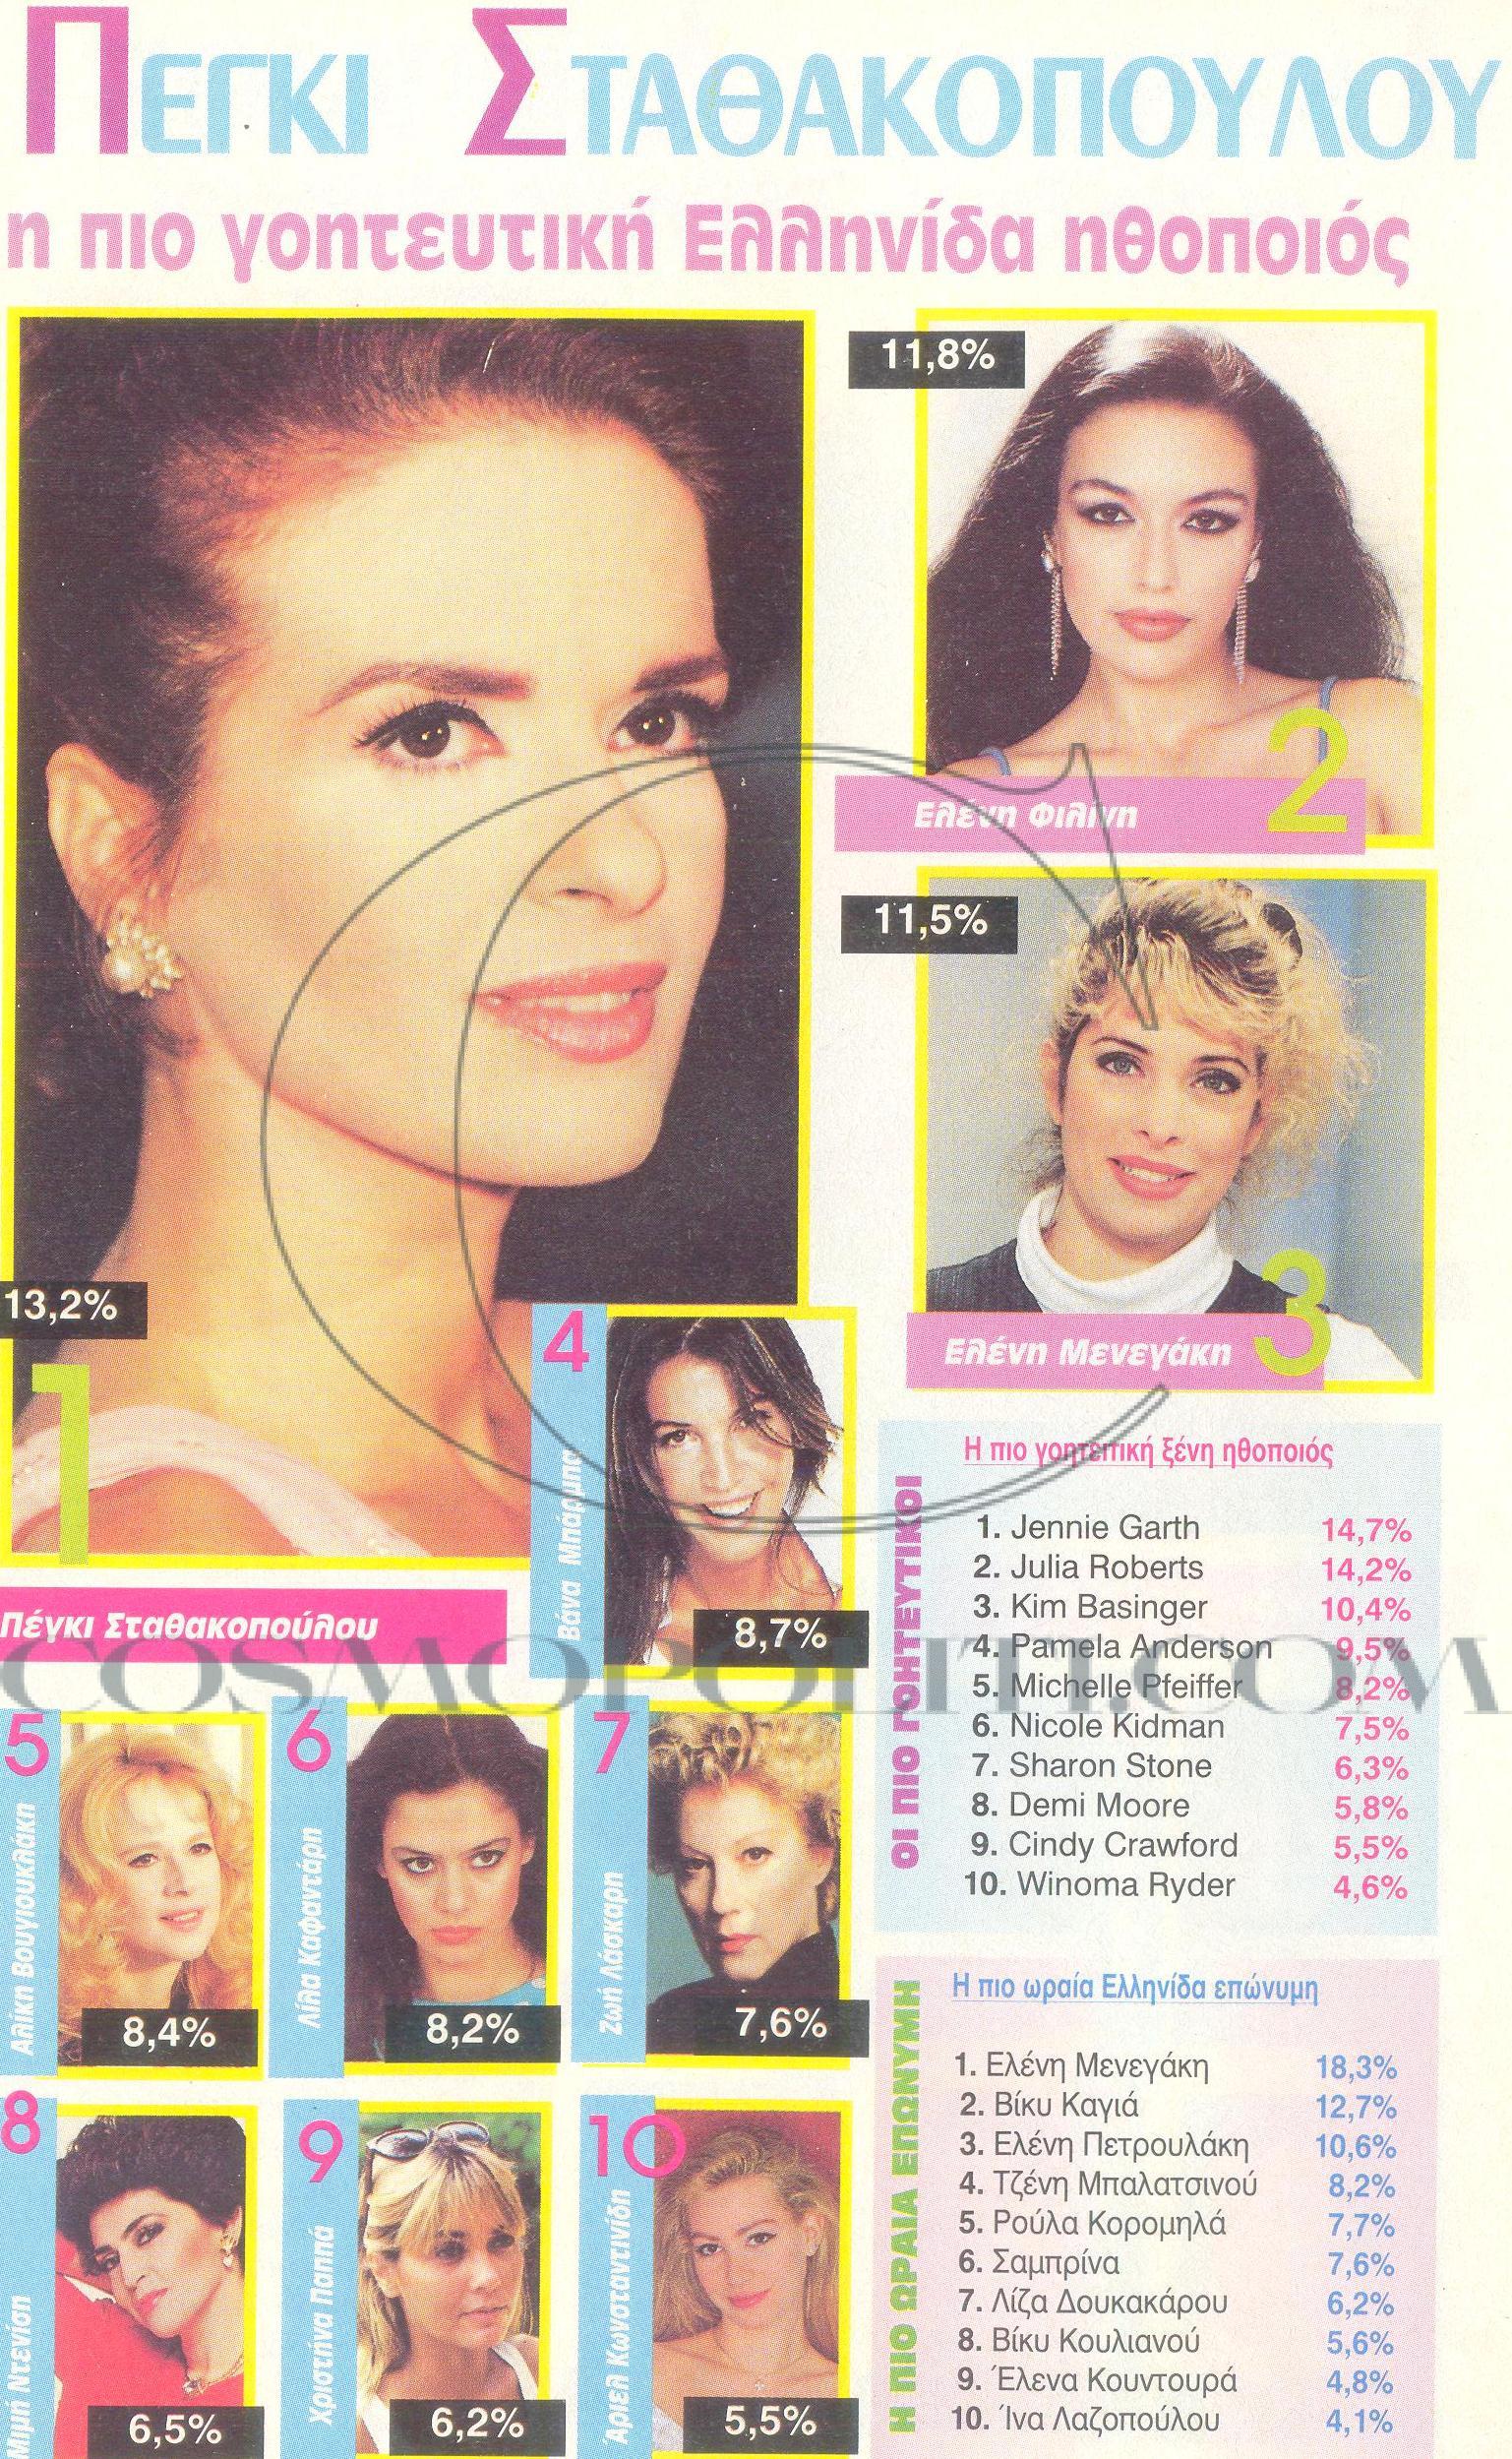 Ποιες ήταν οι ωραίες του 1995!